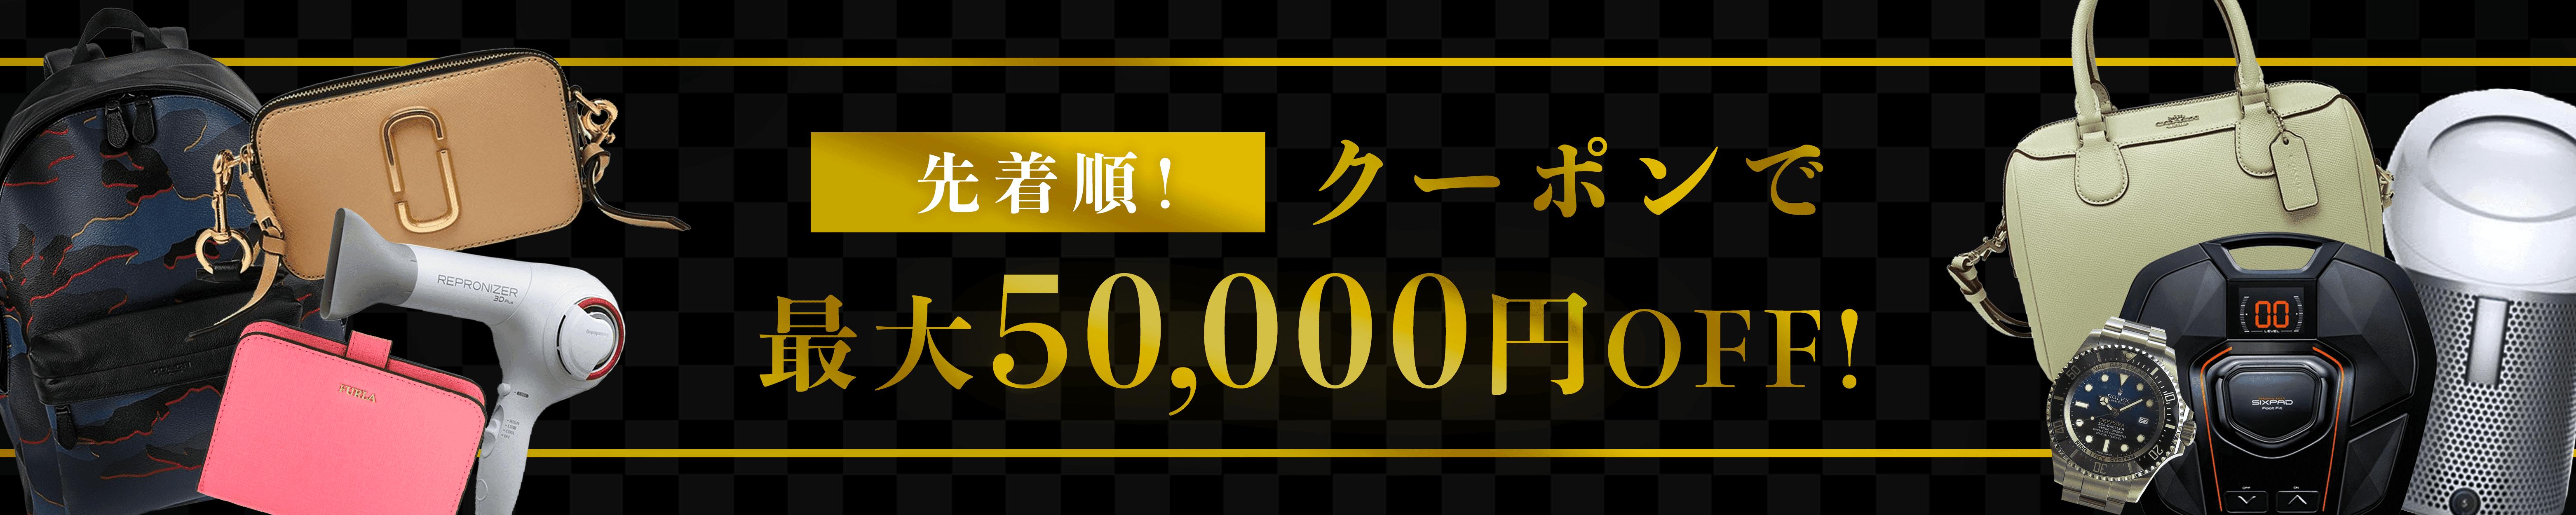 ヤフーショッピングのファッションで使える最大5万円OFFクーポンを配信中。本日限定。